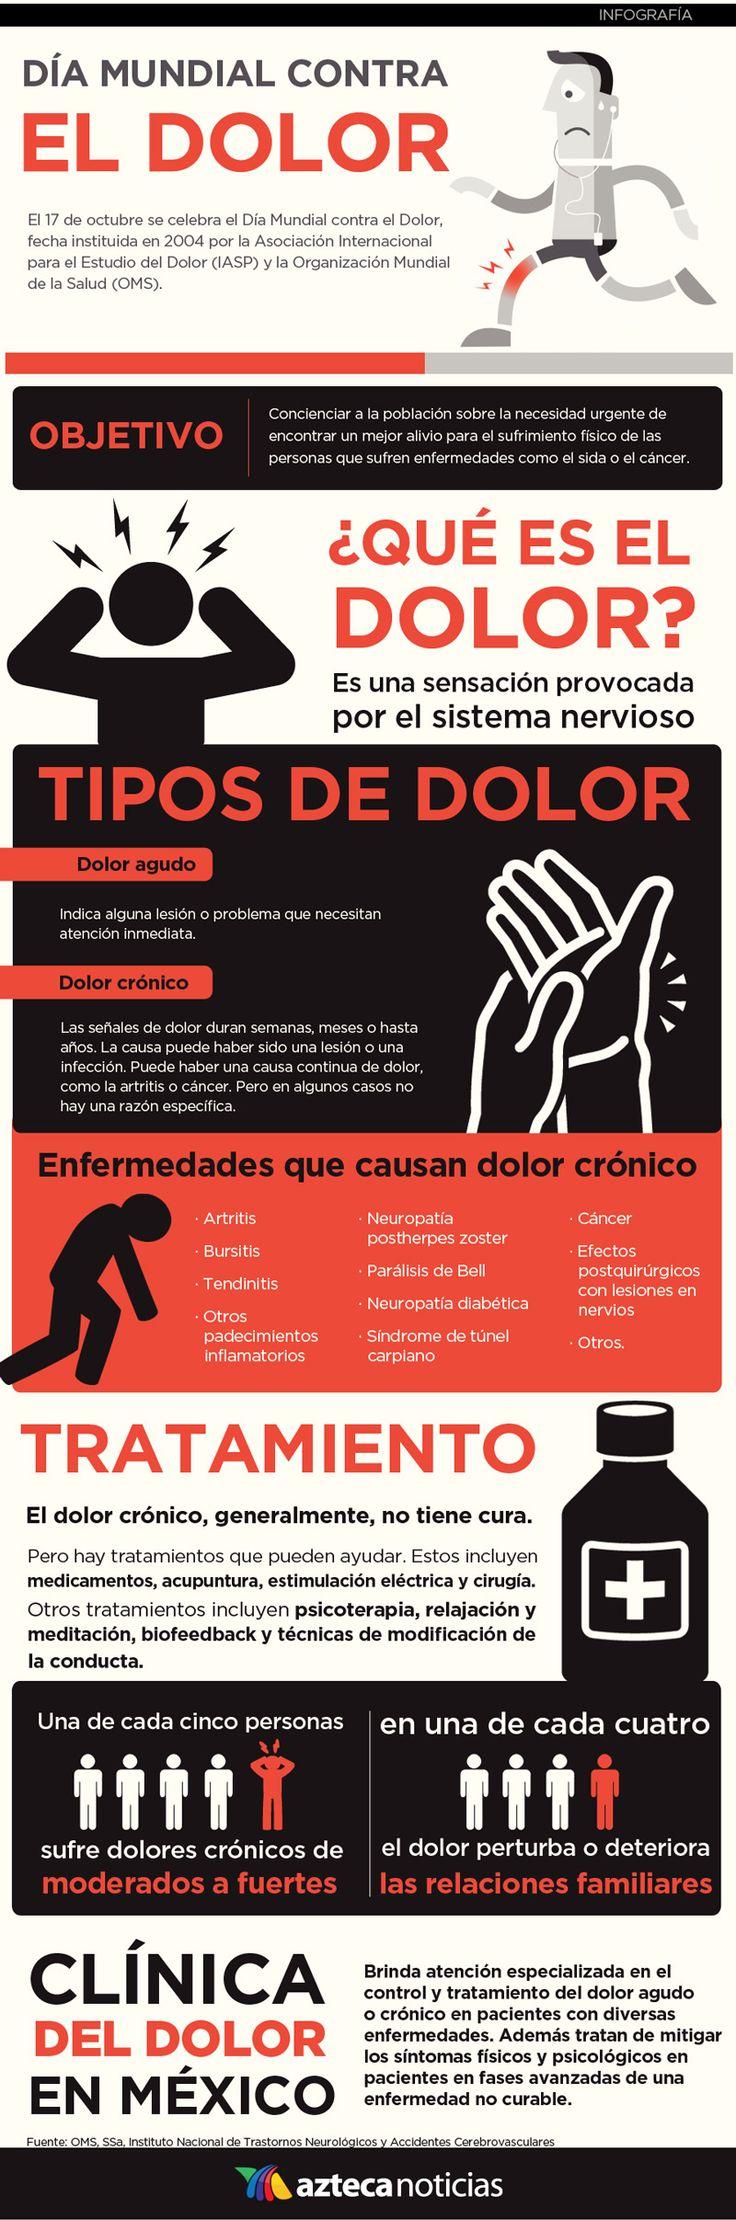 Día Mundial contra el Dolor